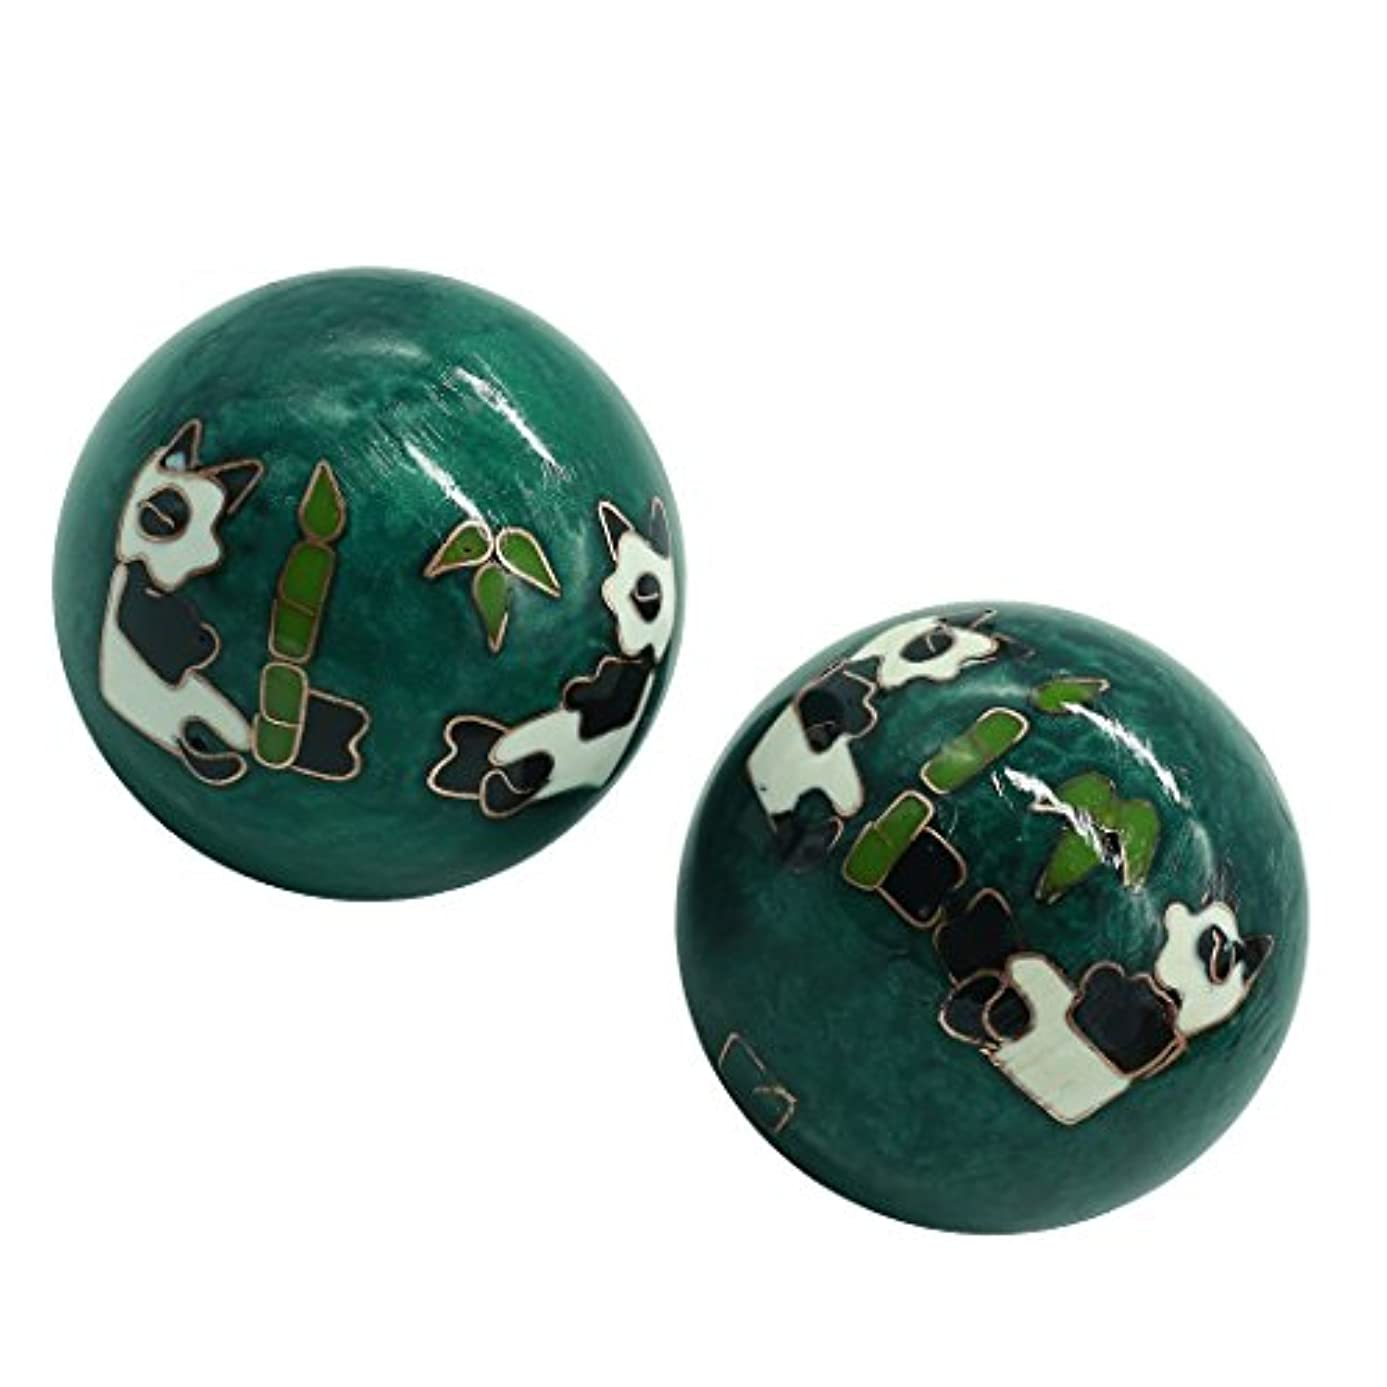 スラッシュダム質量風水グッズ 健康球 健身球 脳 活性 ストレス トレーニング器具 手の機能回復 2個 パンダ (グリーン, 35mm) INB168